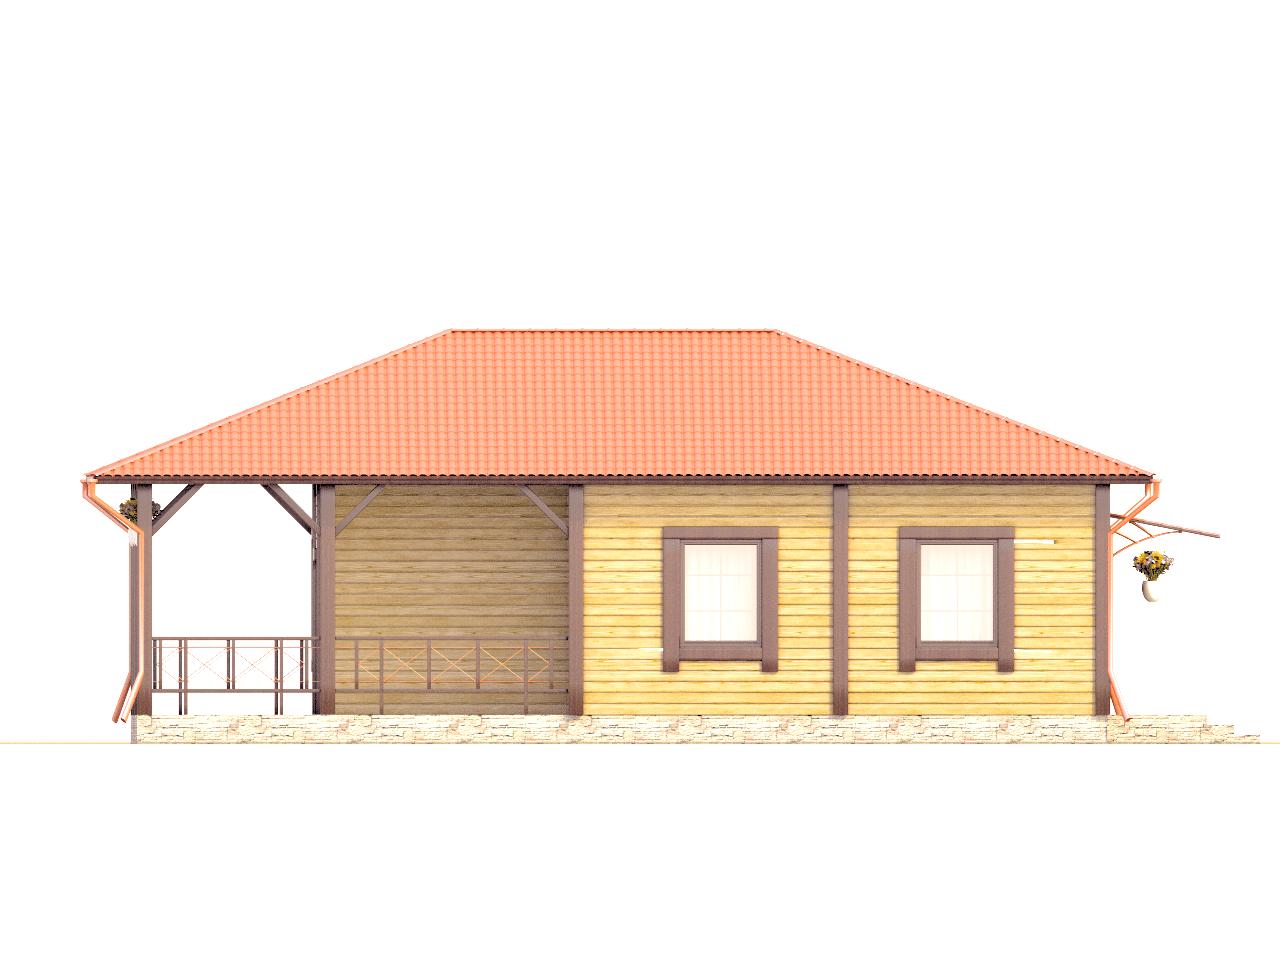 Фасад одноэтажного дома с террасой «КО-73» - слева